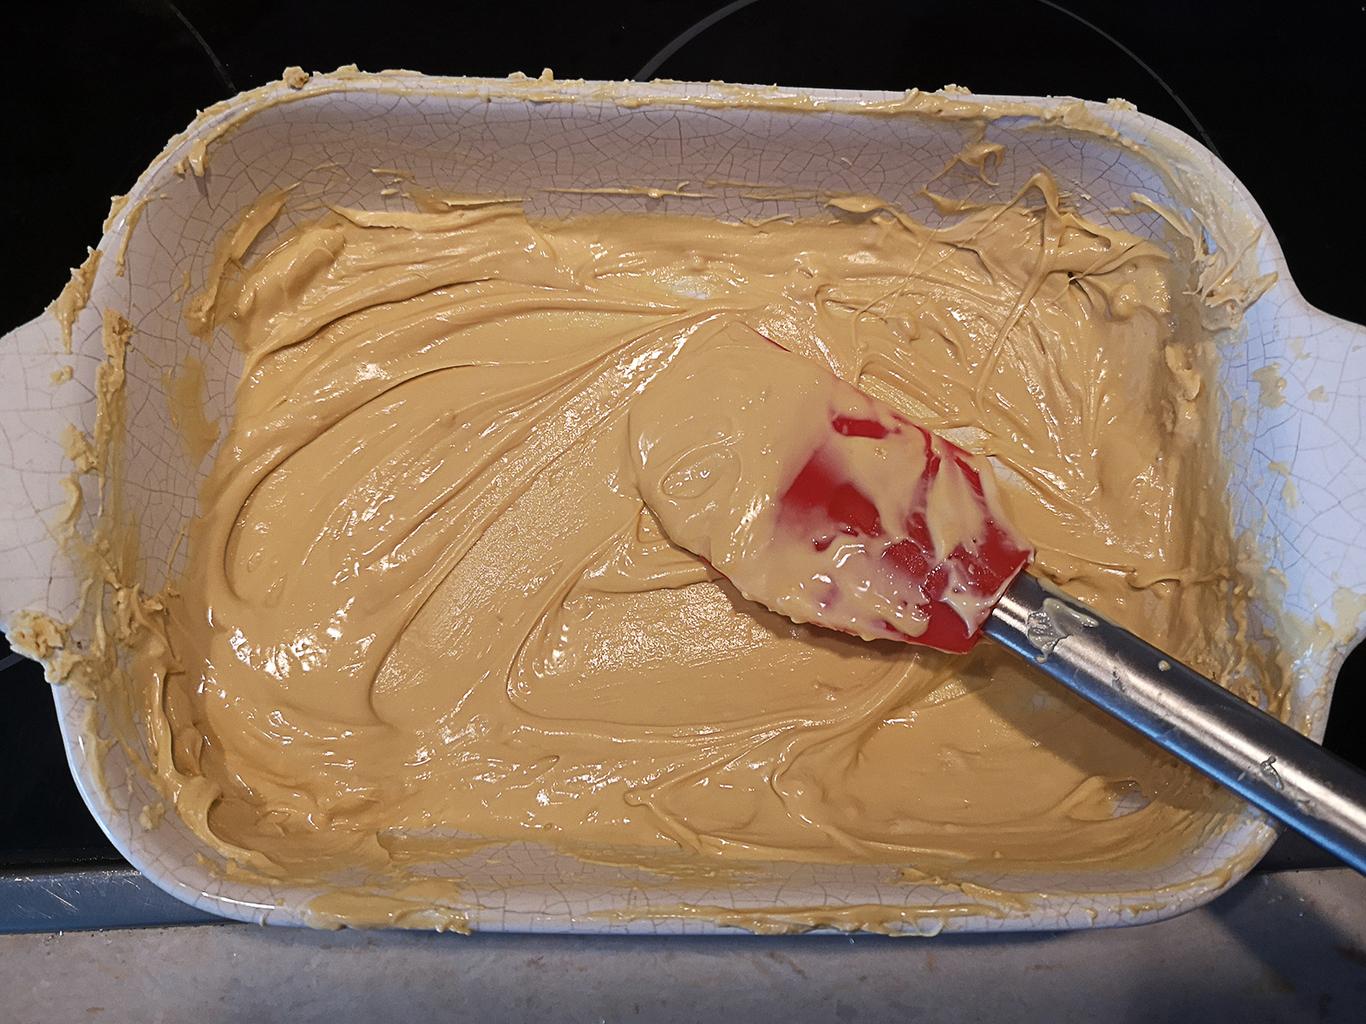 Akkor jó a karamellizált csokoládénk, ha egy arany sárgás színű masszát kapunk #moszkvater